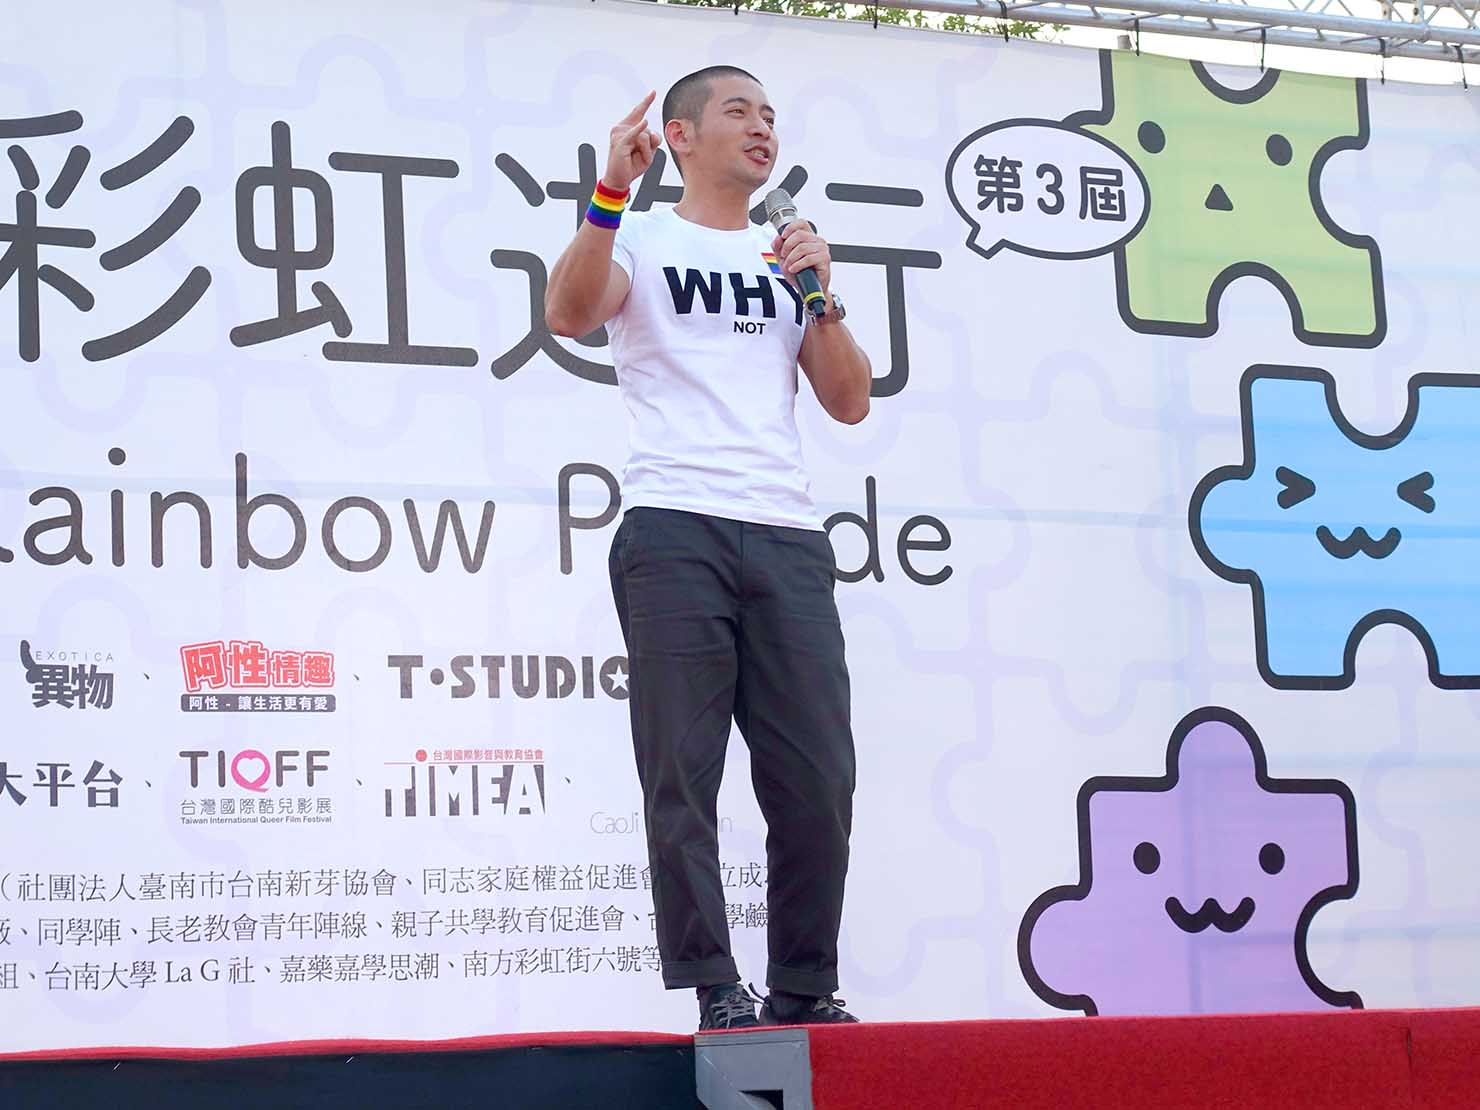 2018年台湾最初のLGBTプライド「台南彩虹遊行(台南レインボーパレード)」ステージでスピーチを行う黃益中老師